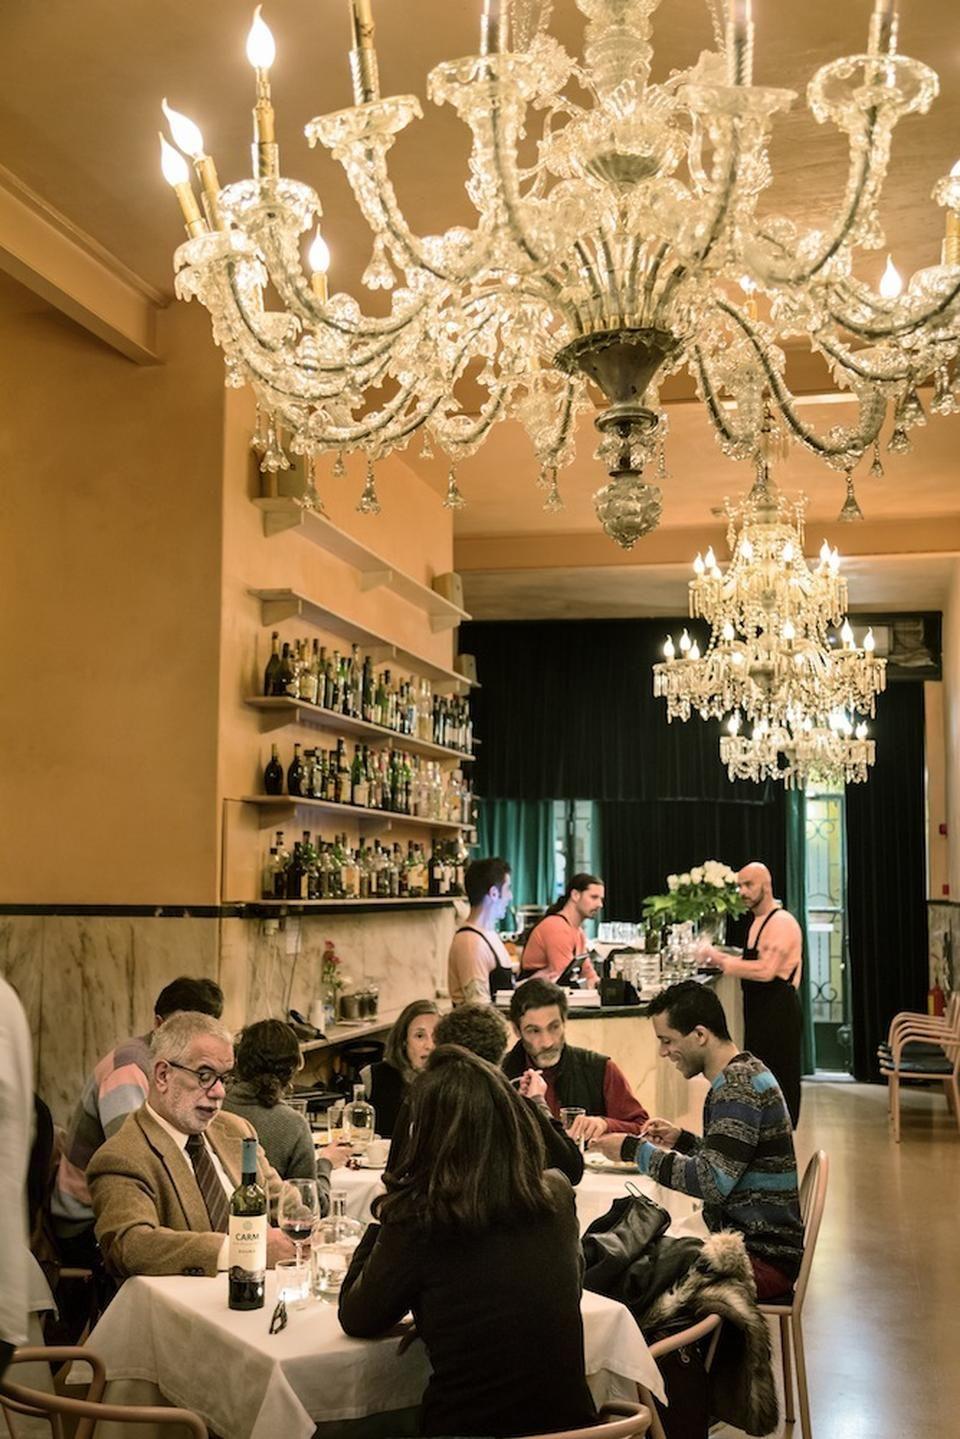 Restaurante Pap'Açorda Rua da Atalaia, 57, 1200-036 Lisbon